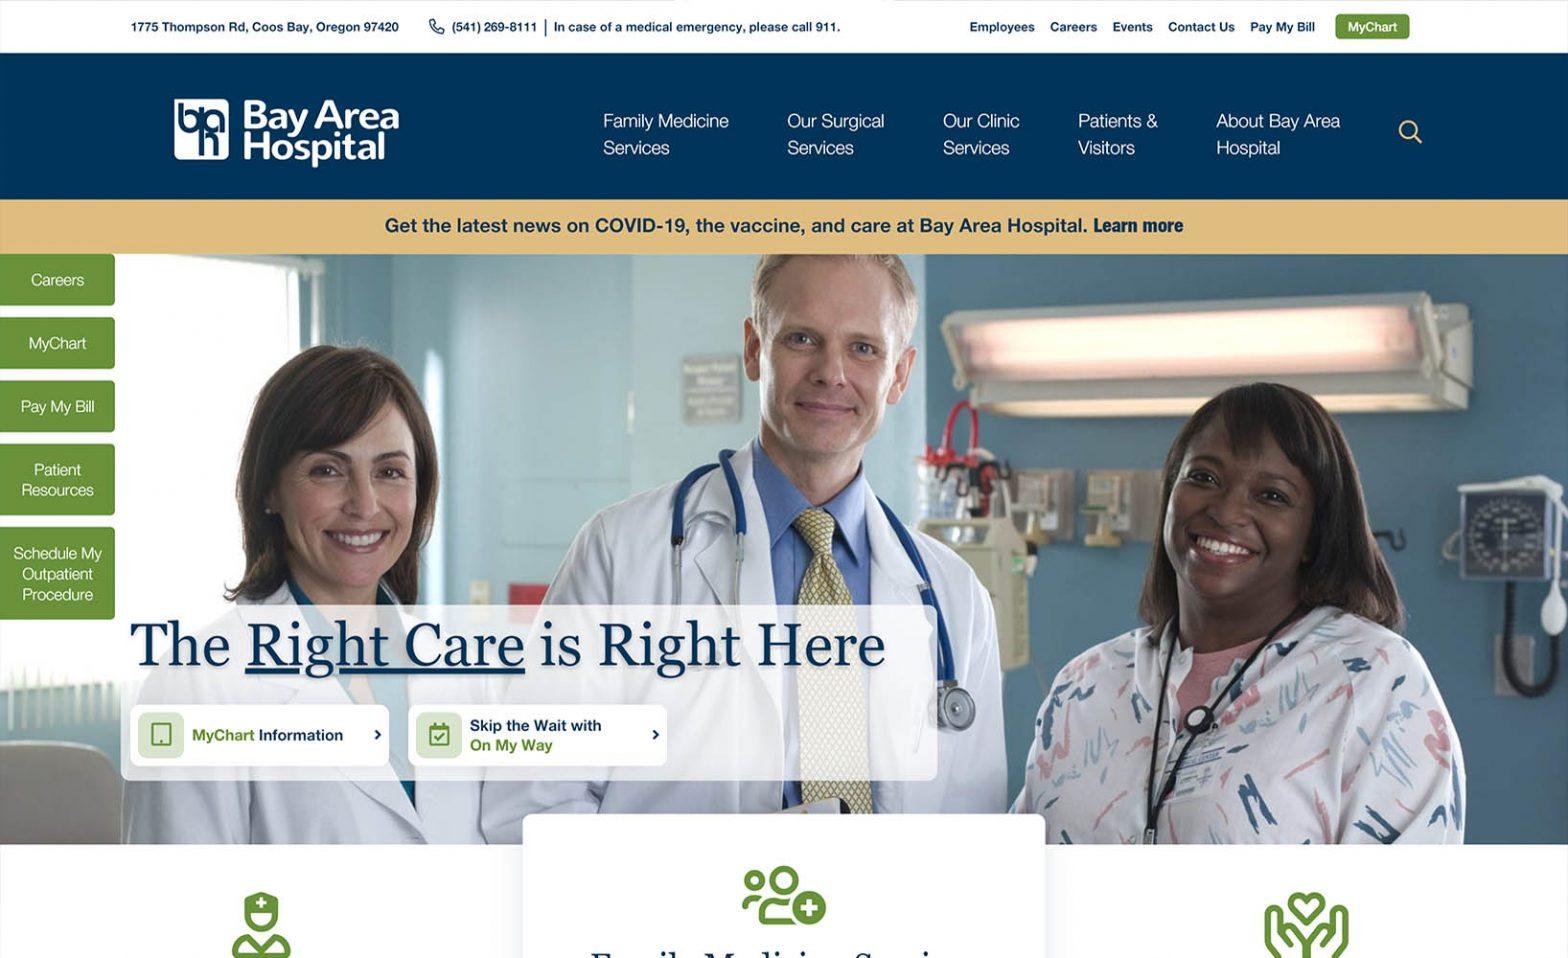 Bay Area Hospital